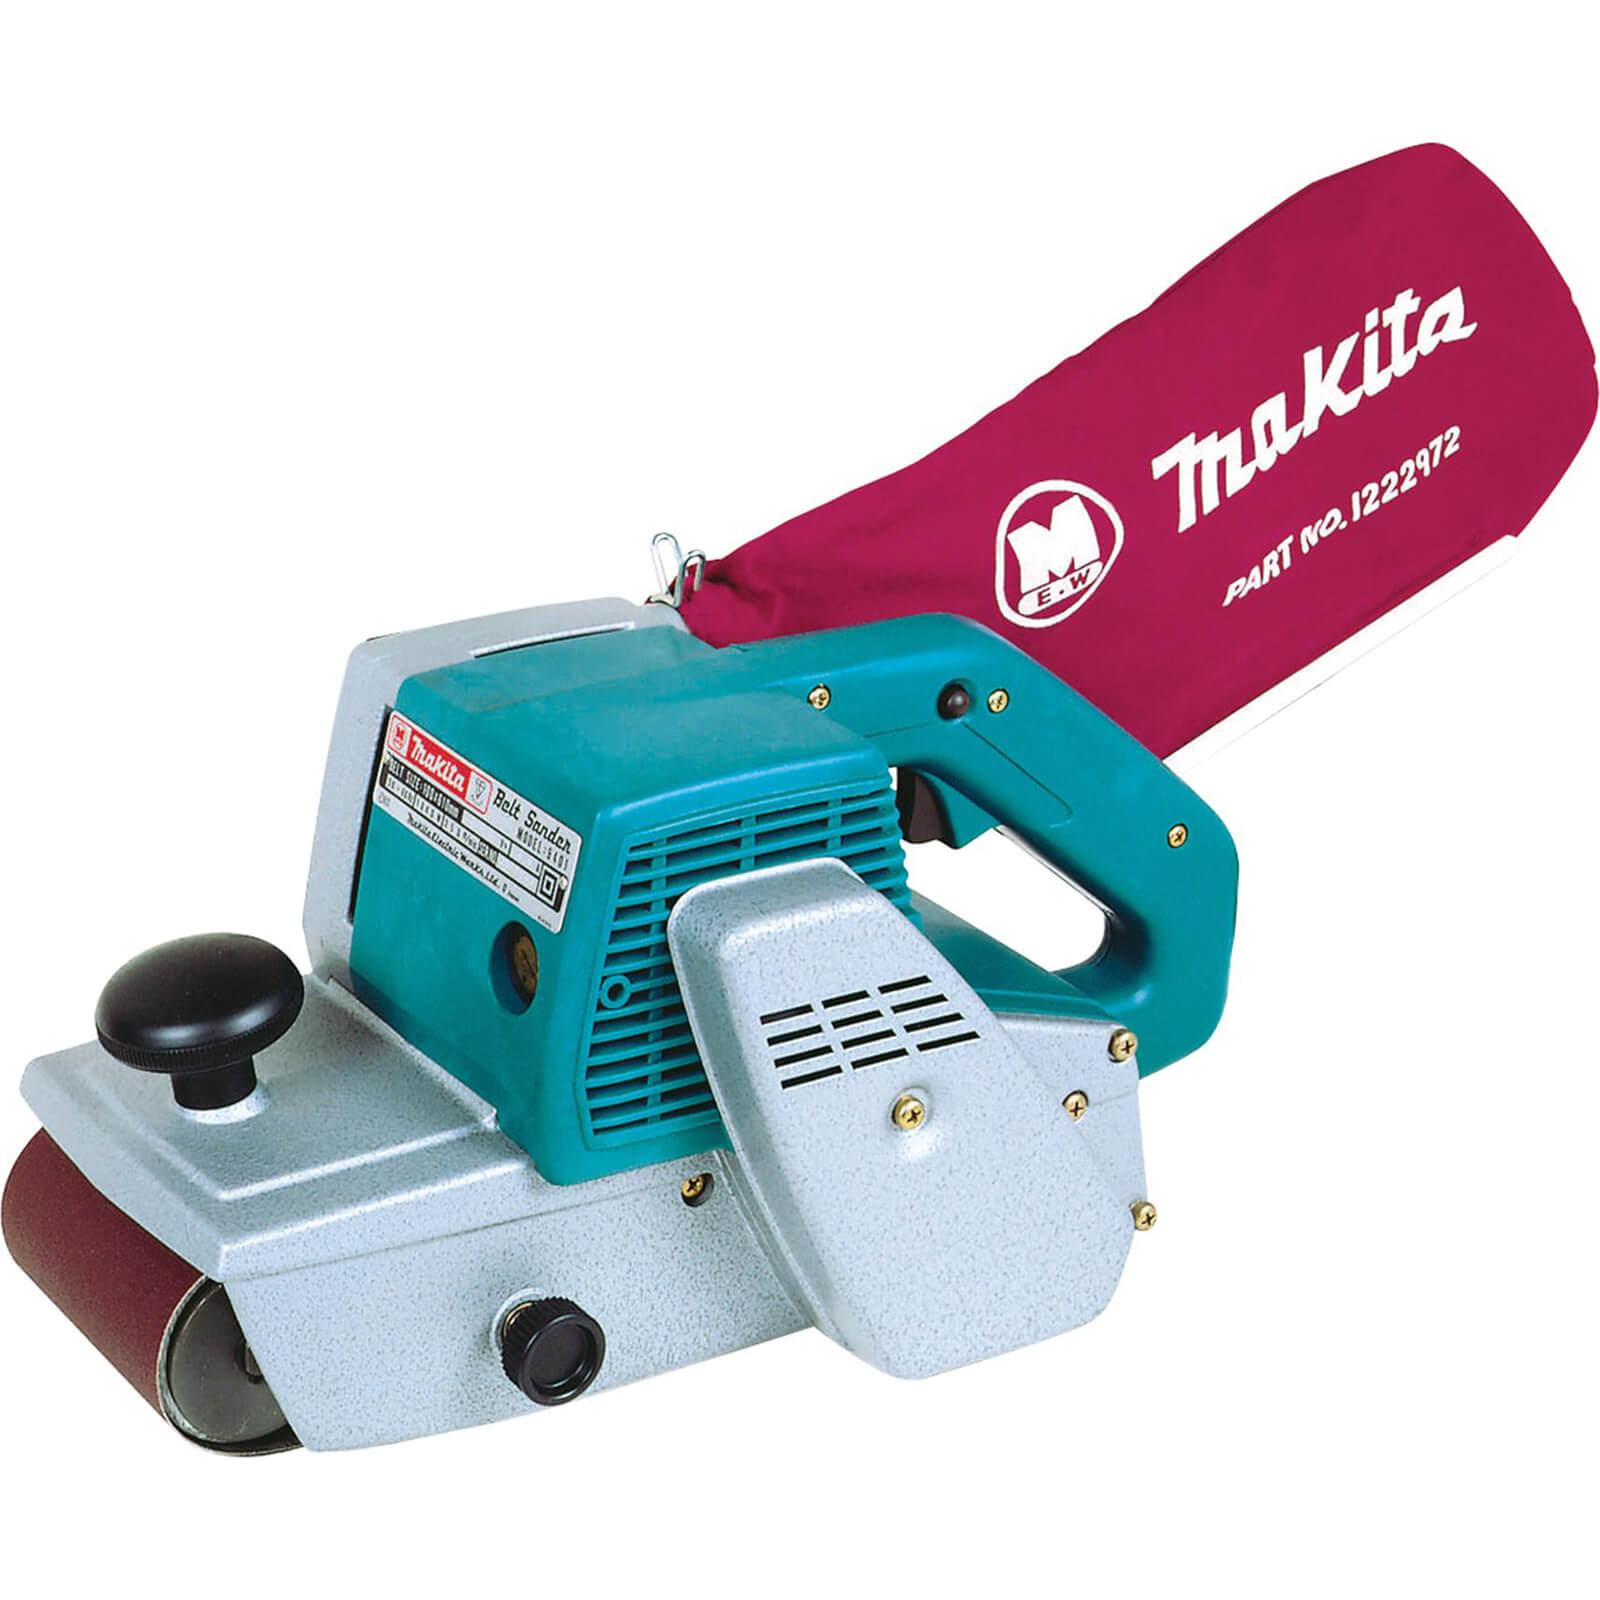 Image of Makita 9401 Belt Sander 100mm Belt Width 1040w 240v